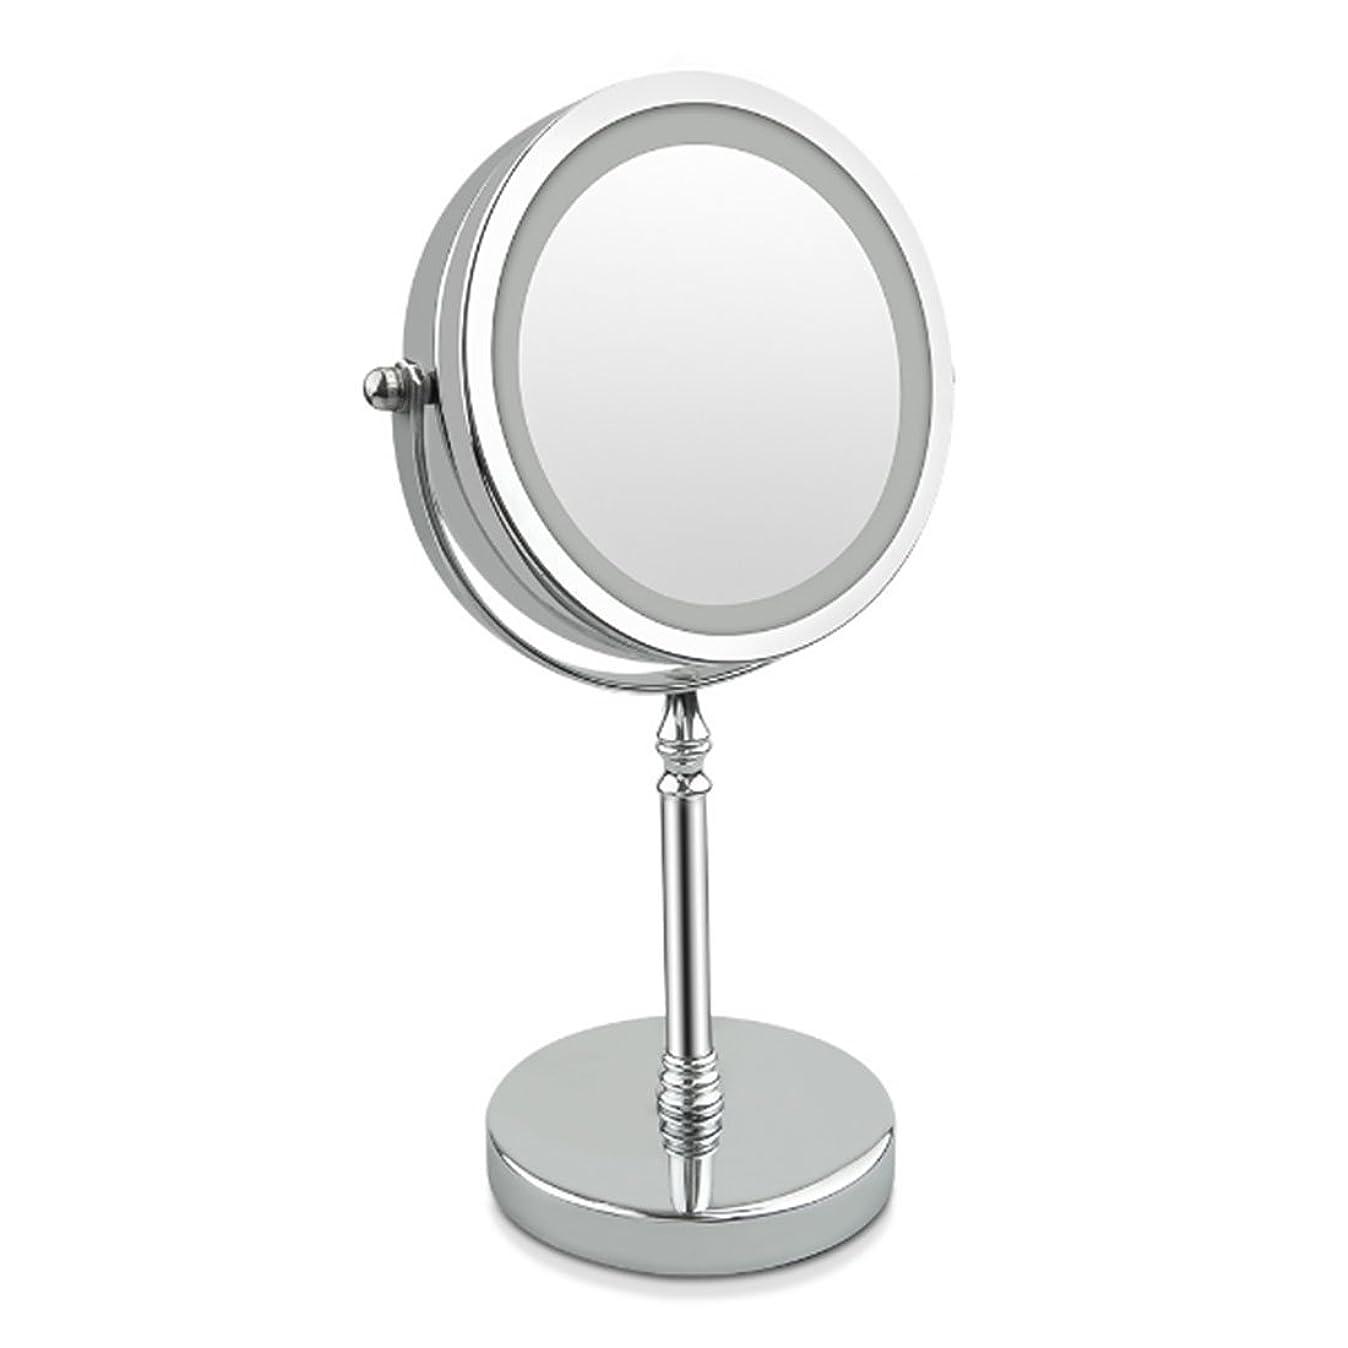 返済序文ブレンドAmaiai LED化粧鏡 10倍拡大鏡 両面照明付き 7インチ シルバーデイライト (色 : Silver)